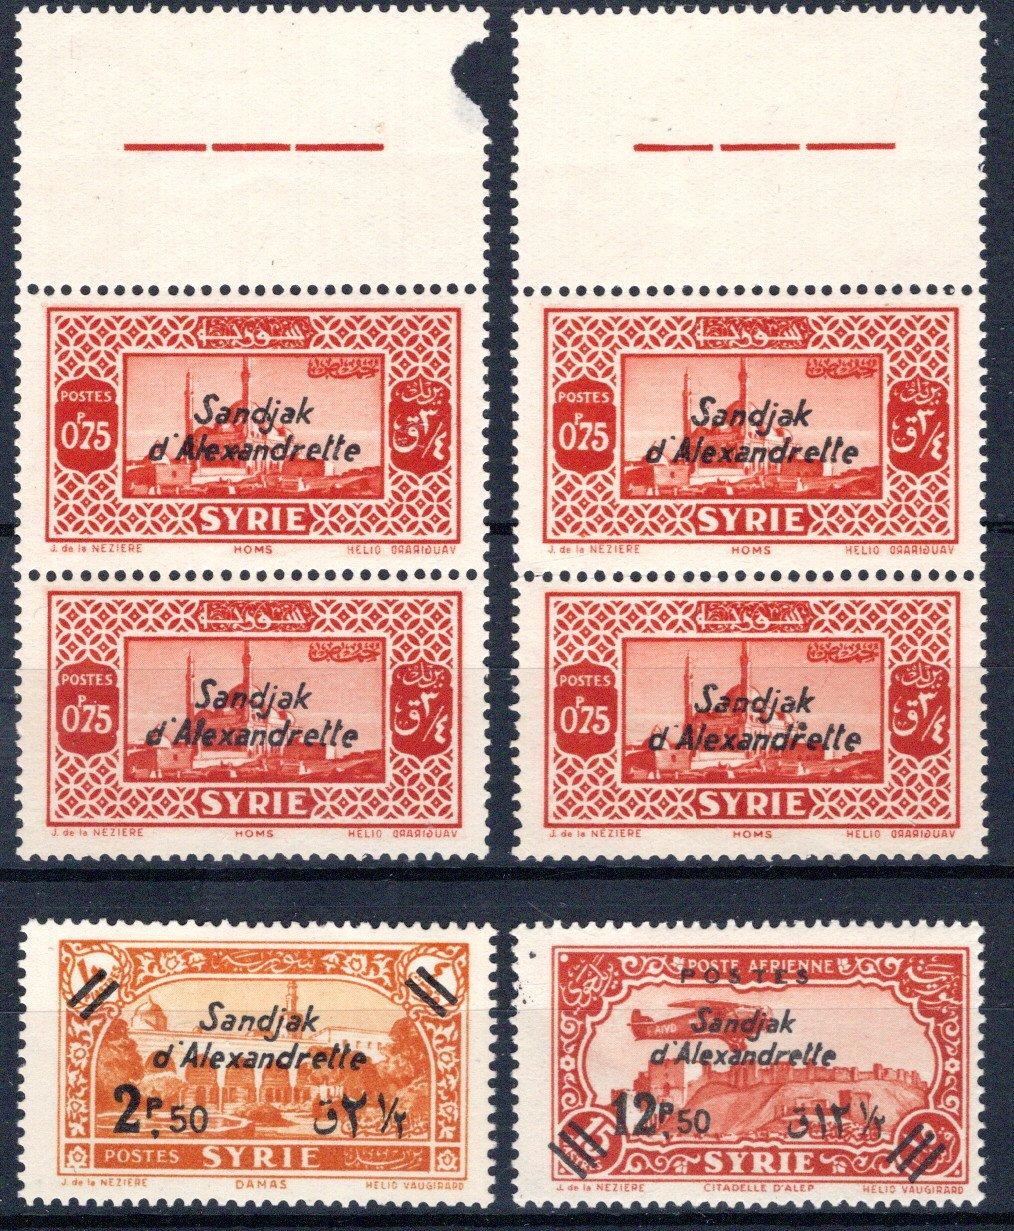 Lot 22 - africa Ethiopia postage stamps -  Georg Bühler Briefmarken Auktionen GmbH 27th mail bid auction